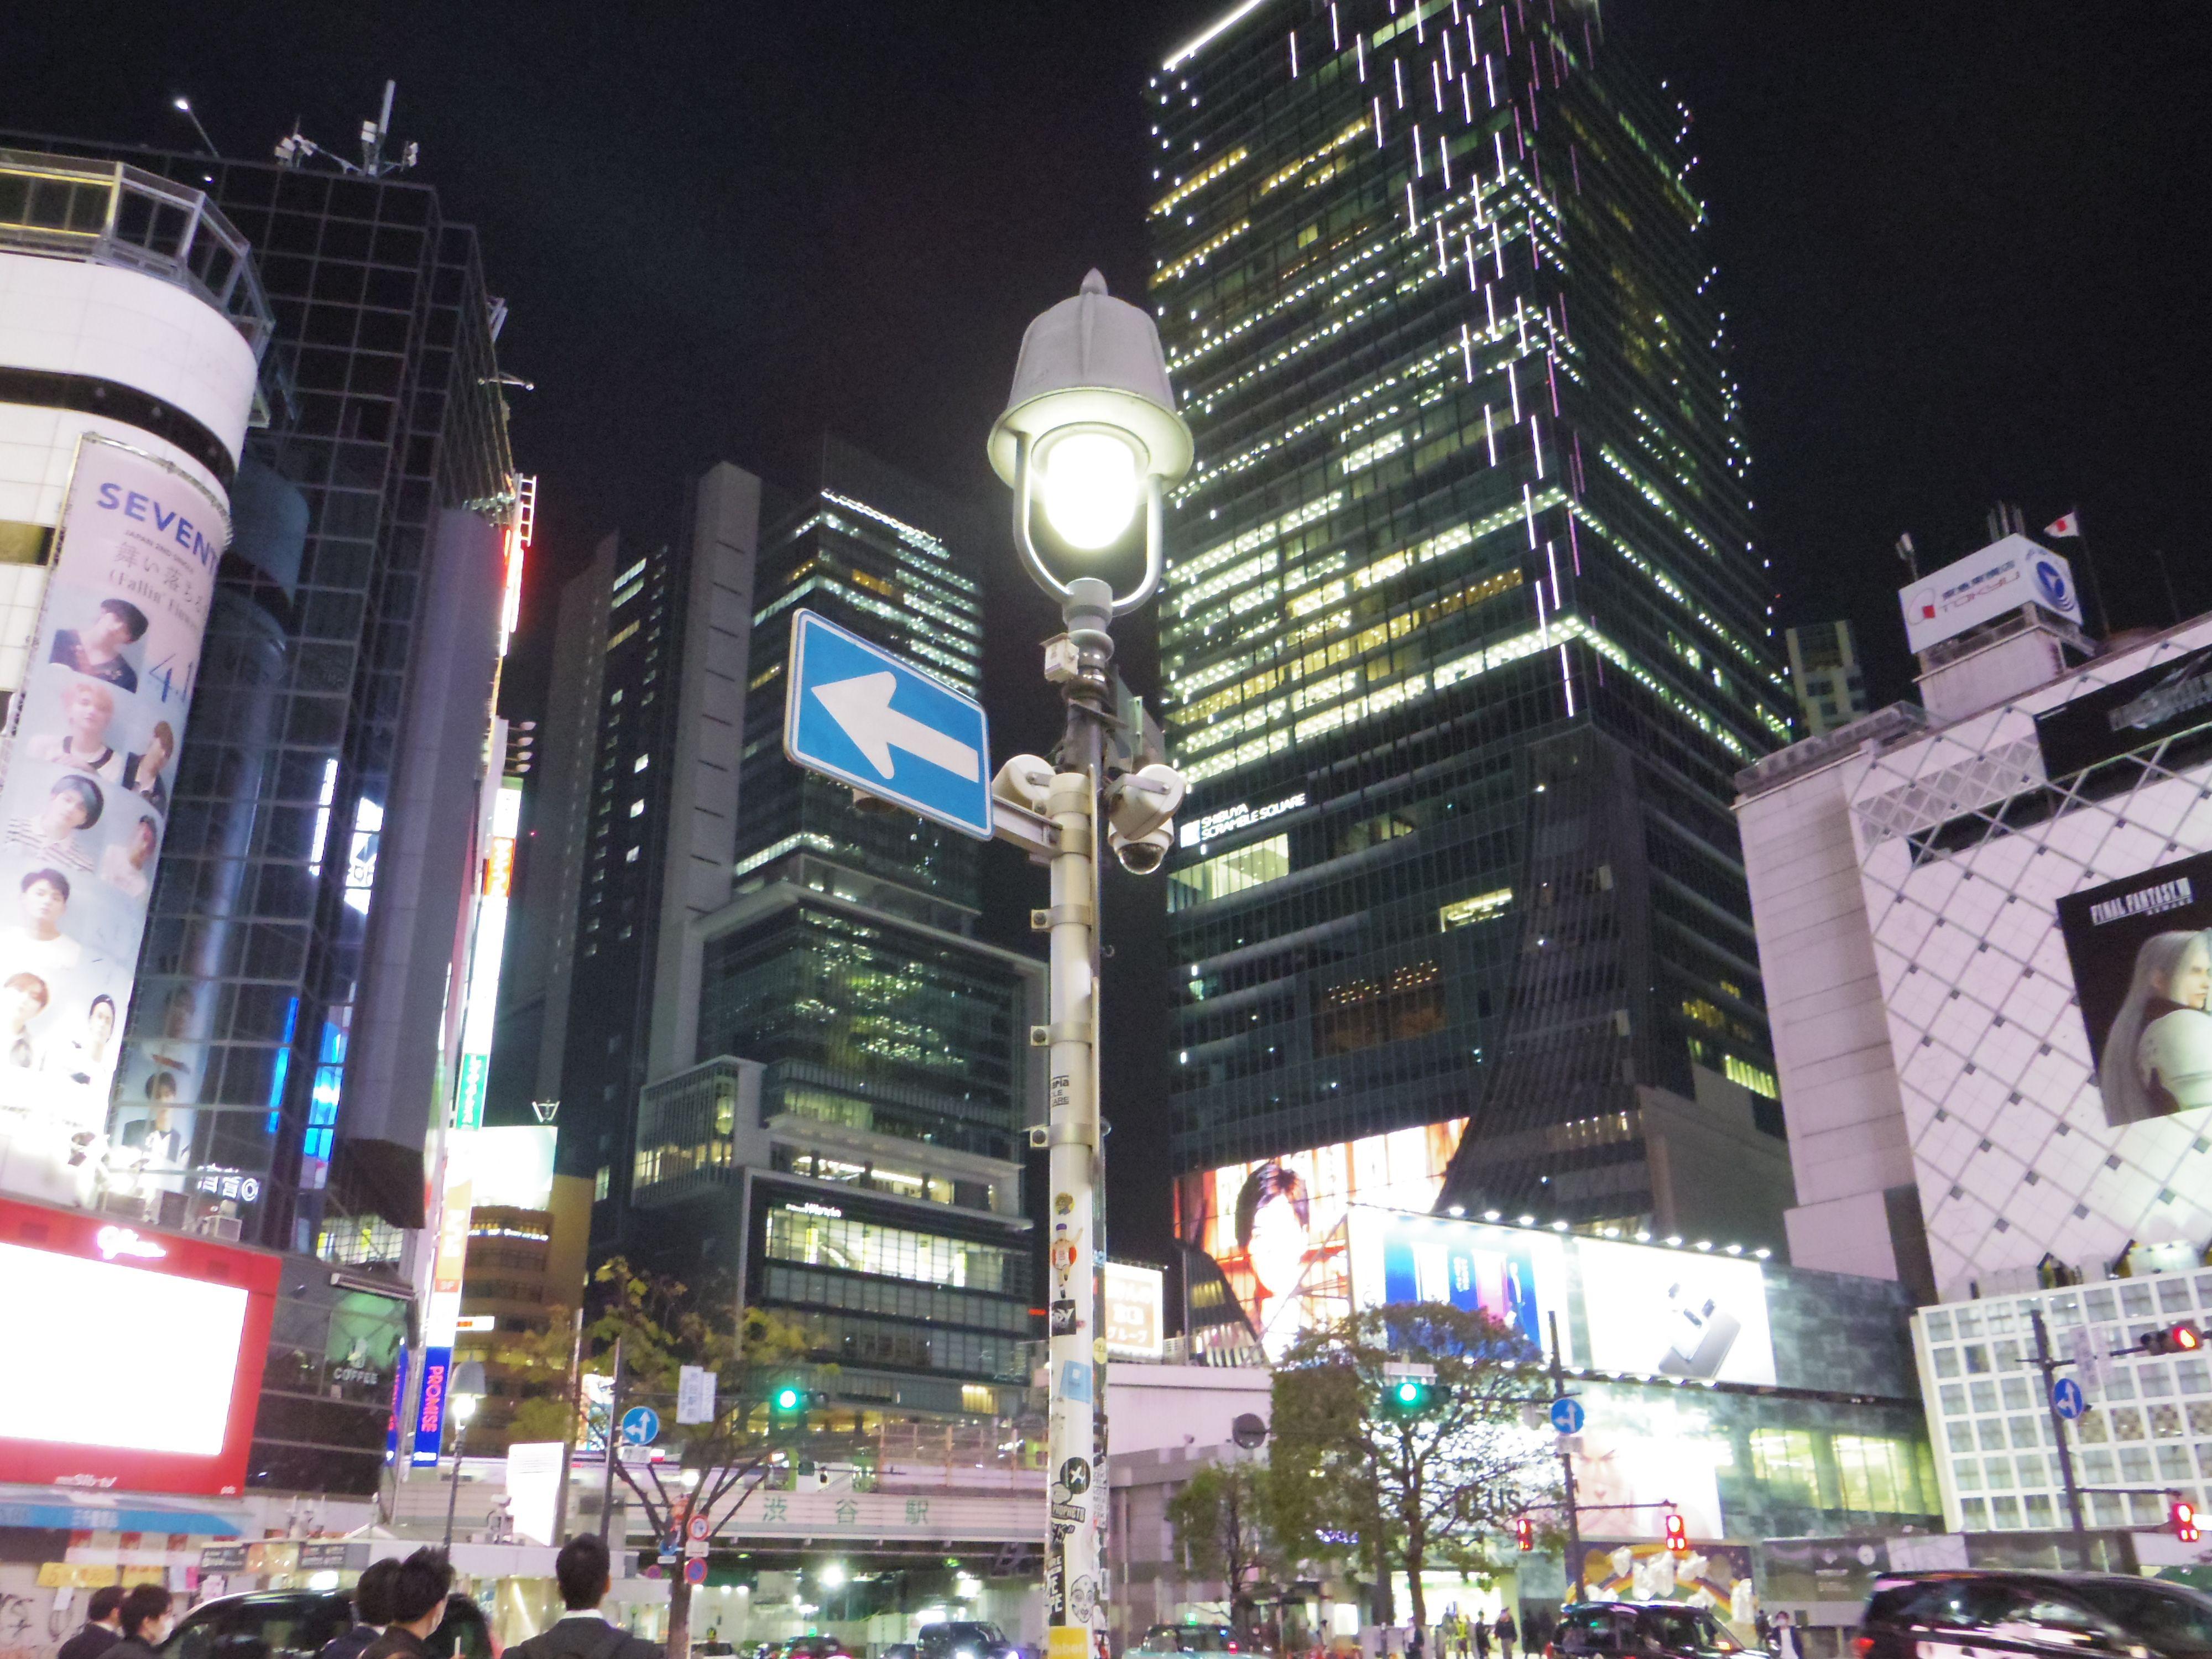 緊急事態宣言発令中「東京の夜の街を歩いてみた」【新宿・渋谷の動画】の画像008